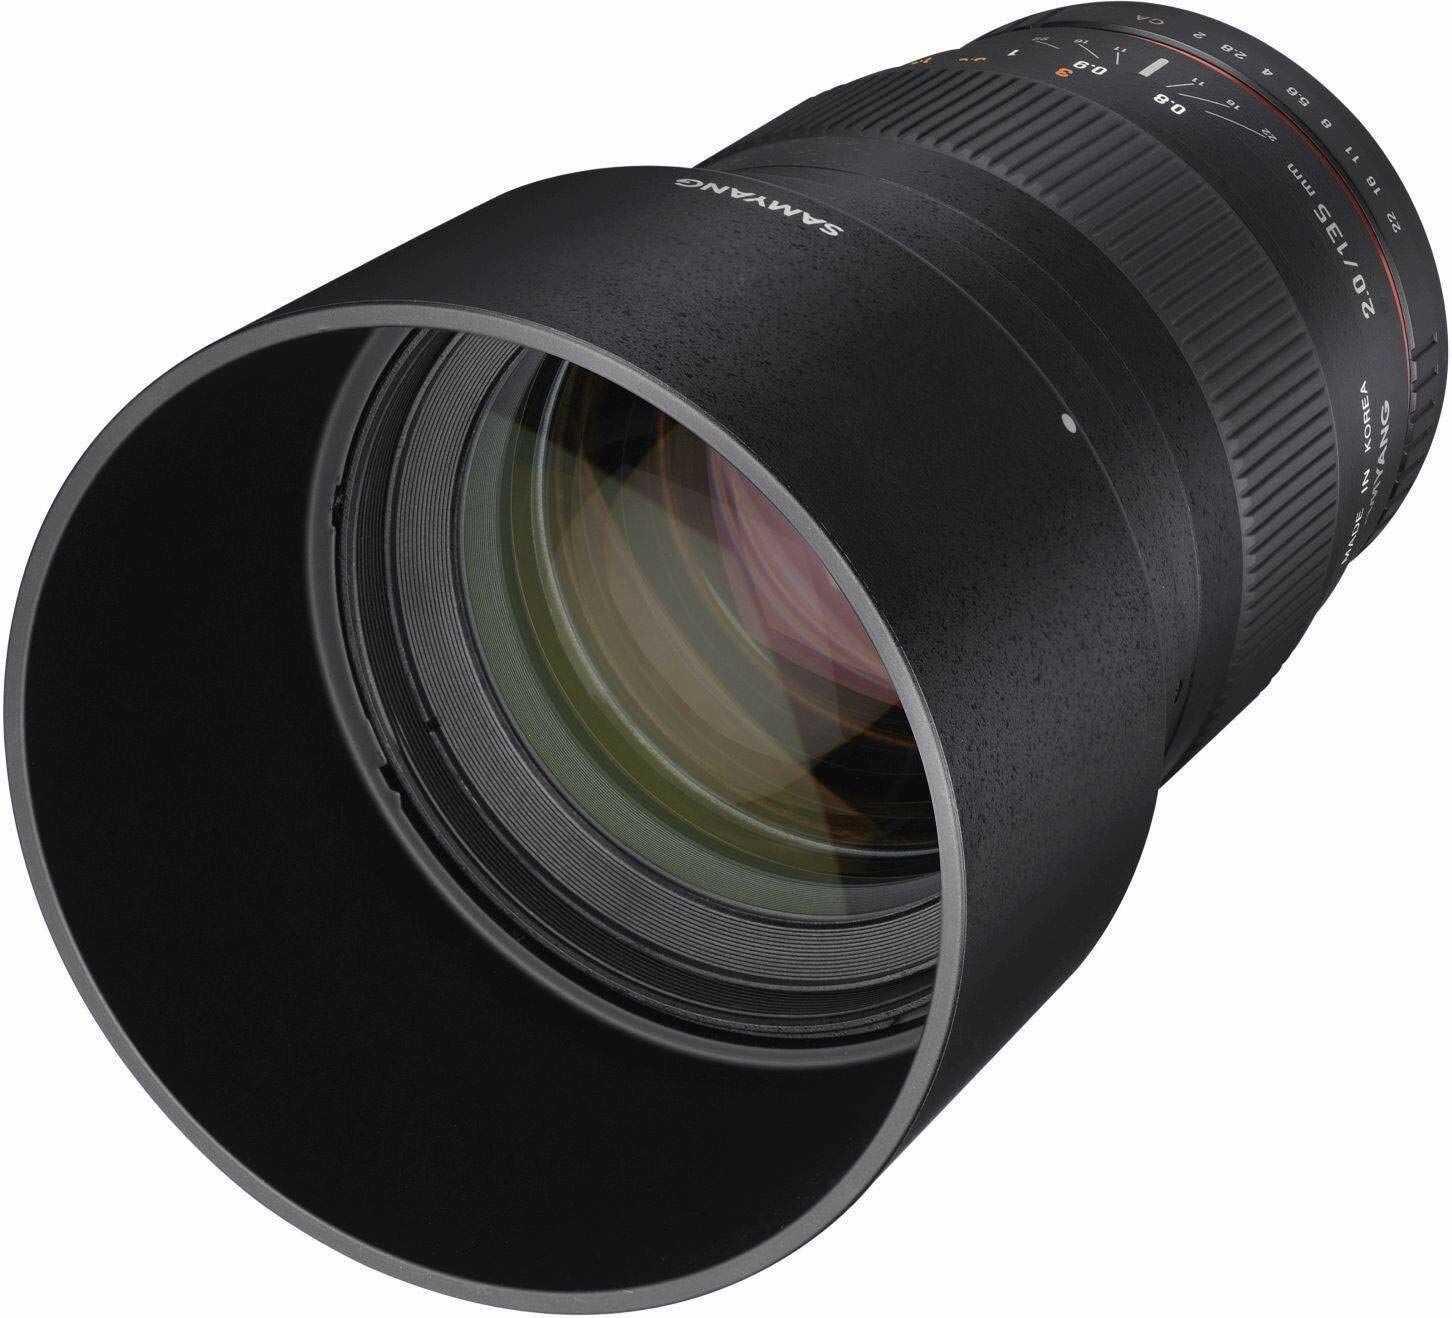 Samyang obiektyw 135 mm, F2.0, Nikon AE, czarny